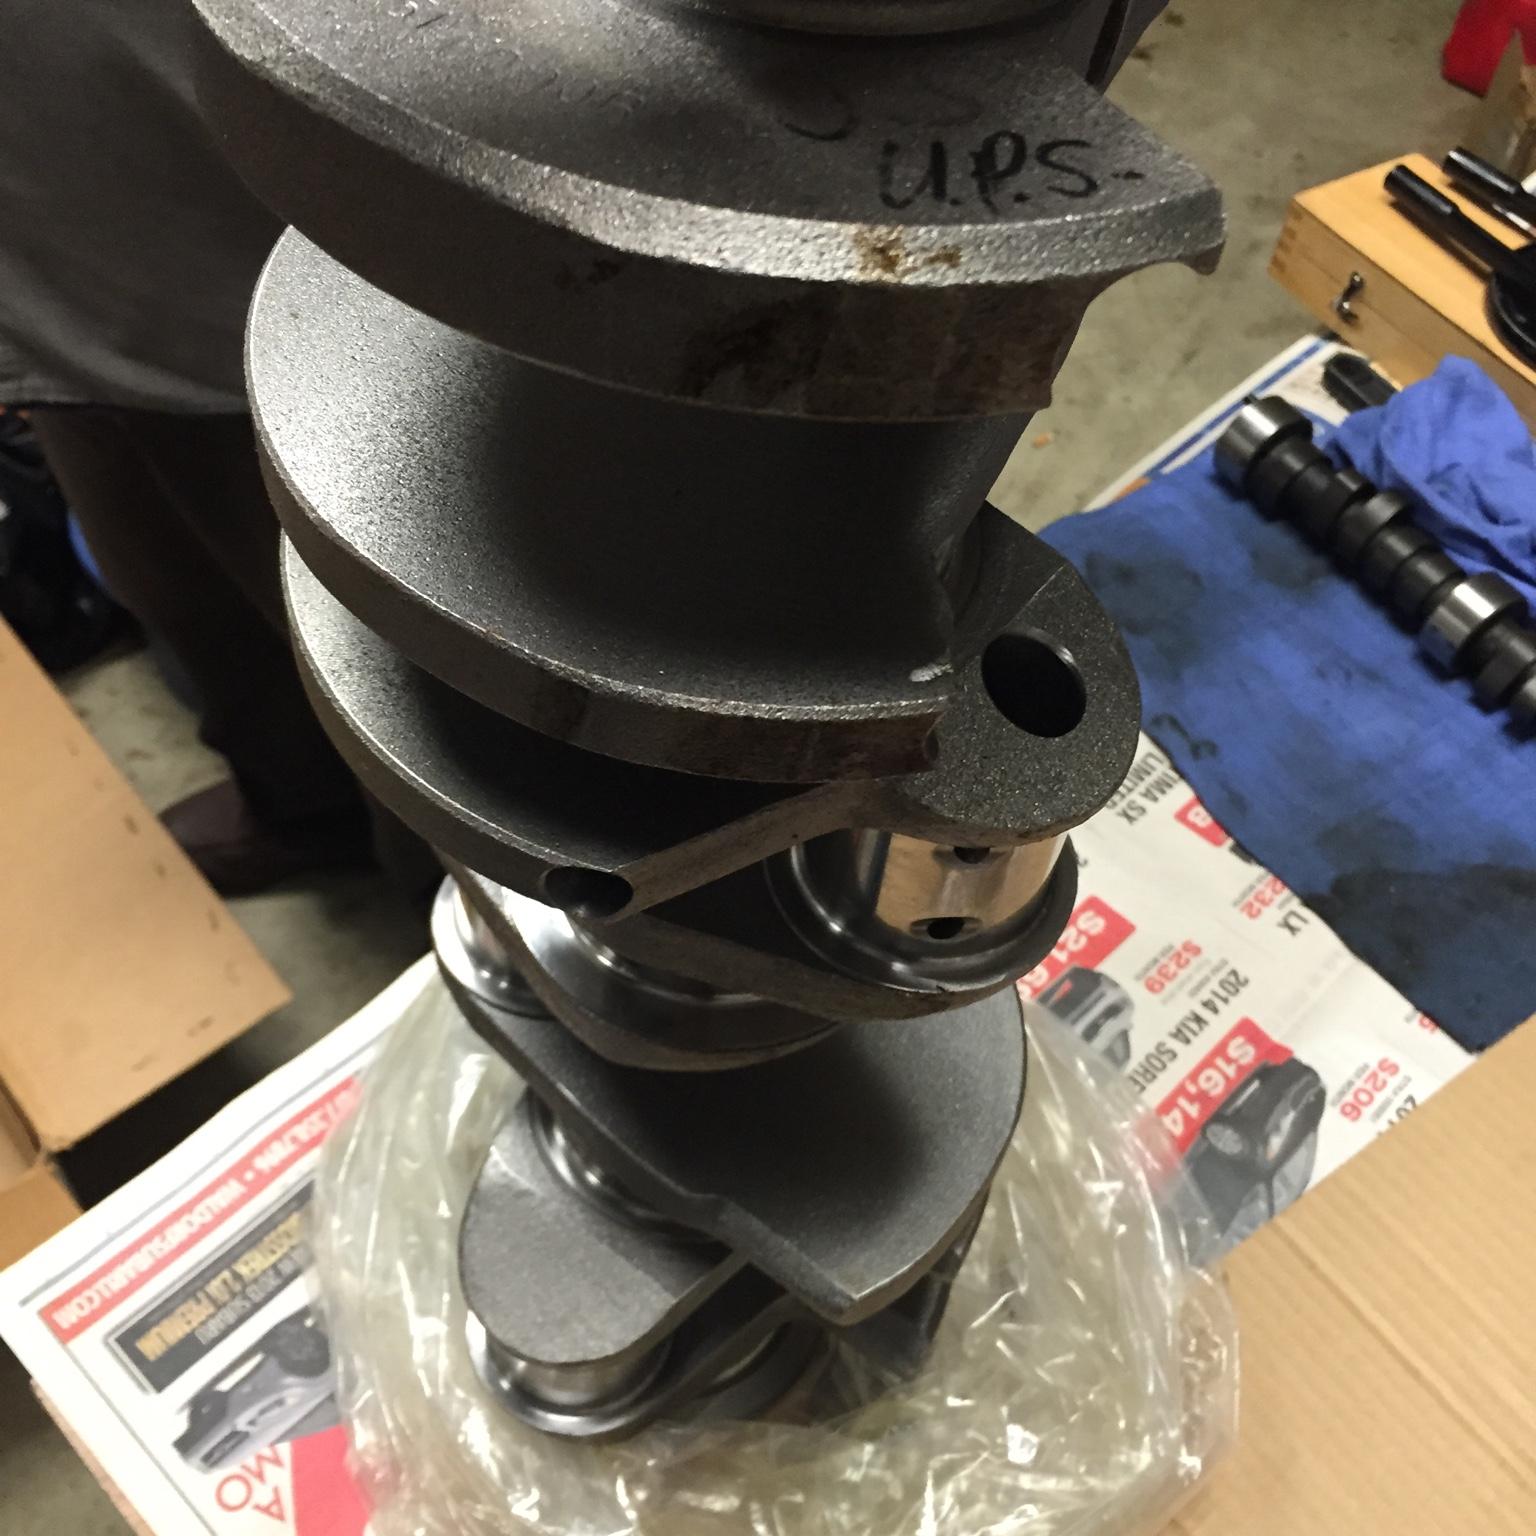 hight resolution of  4 0 stroker kit for sale new 408 stroker kit